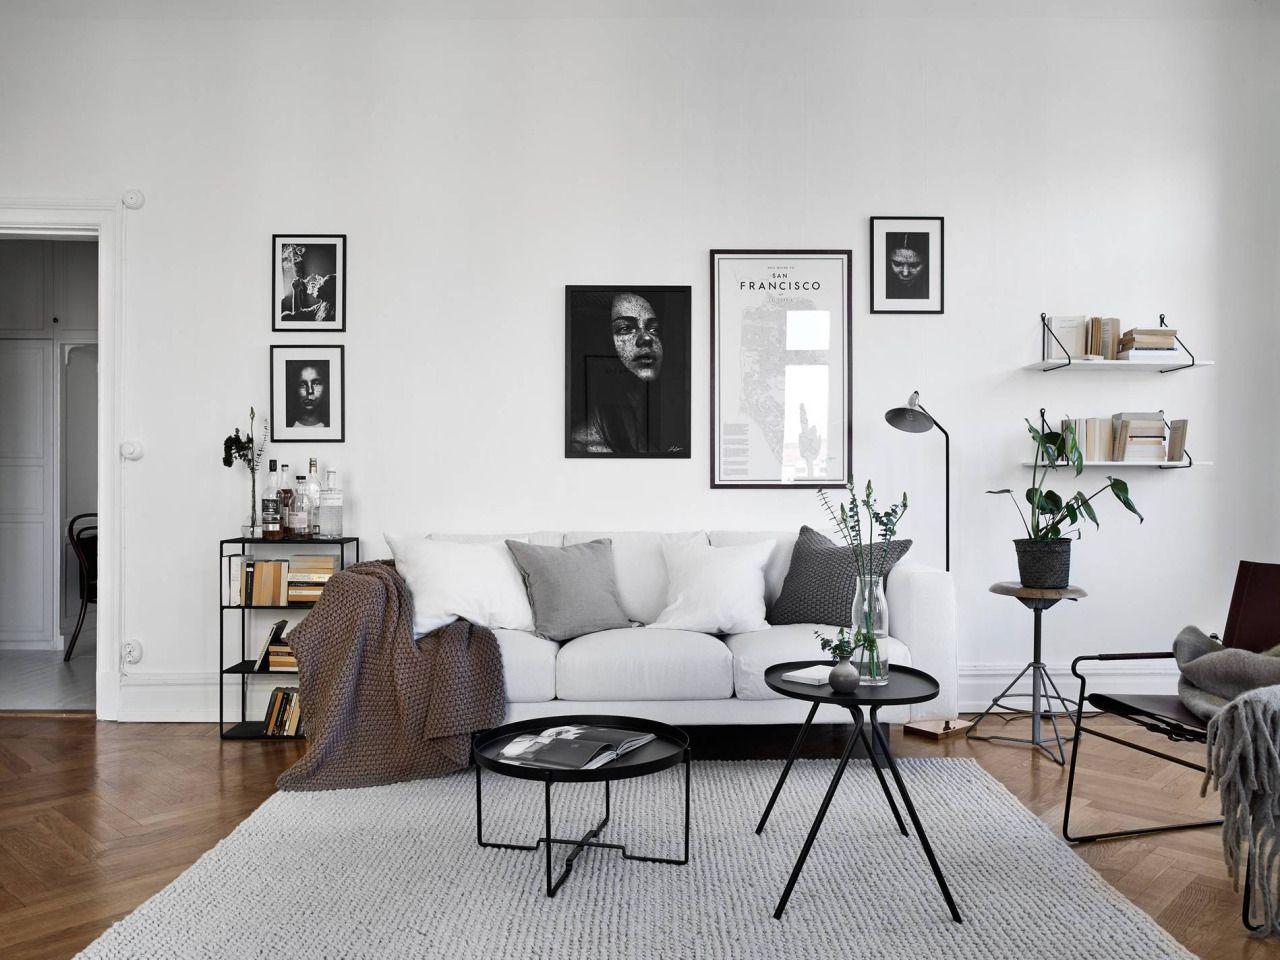 wooninspiratie woonkamer slaapkamer wonen man man 2 | Design ...